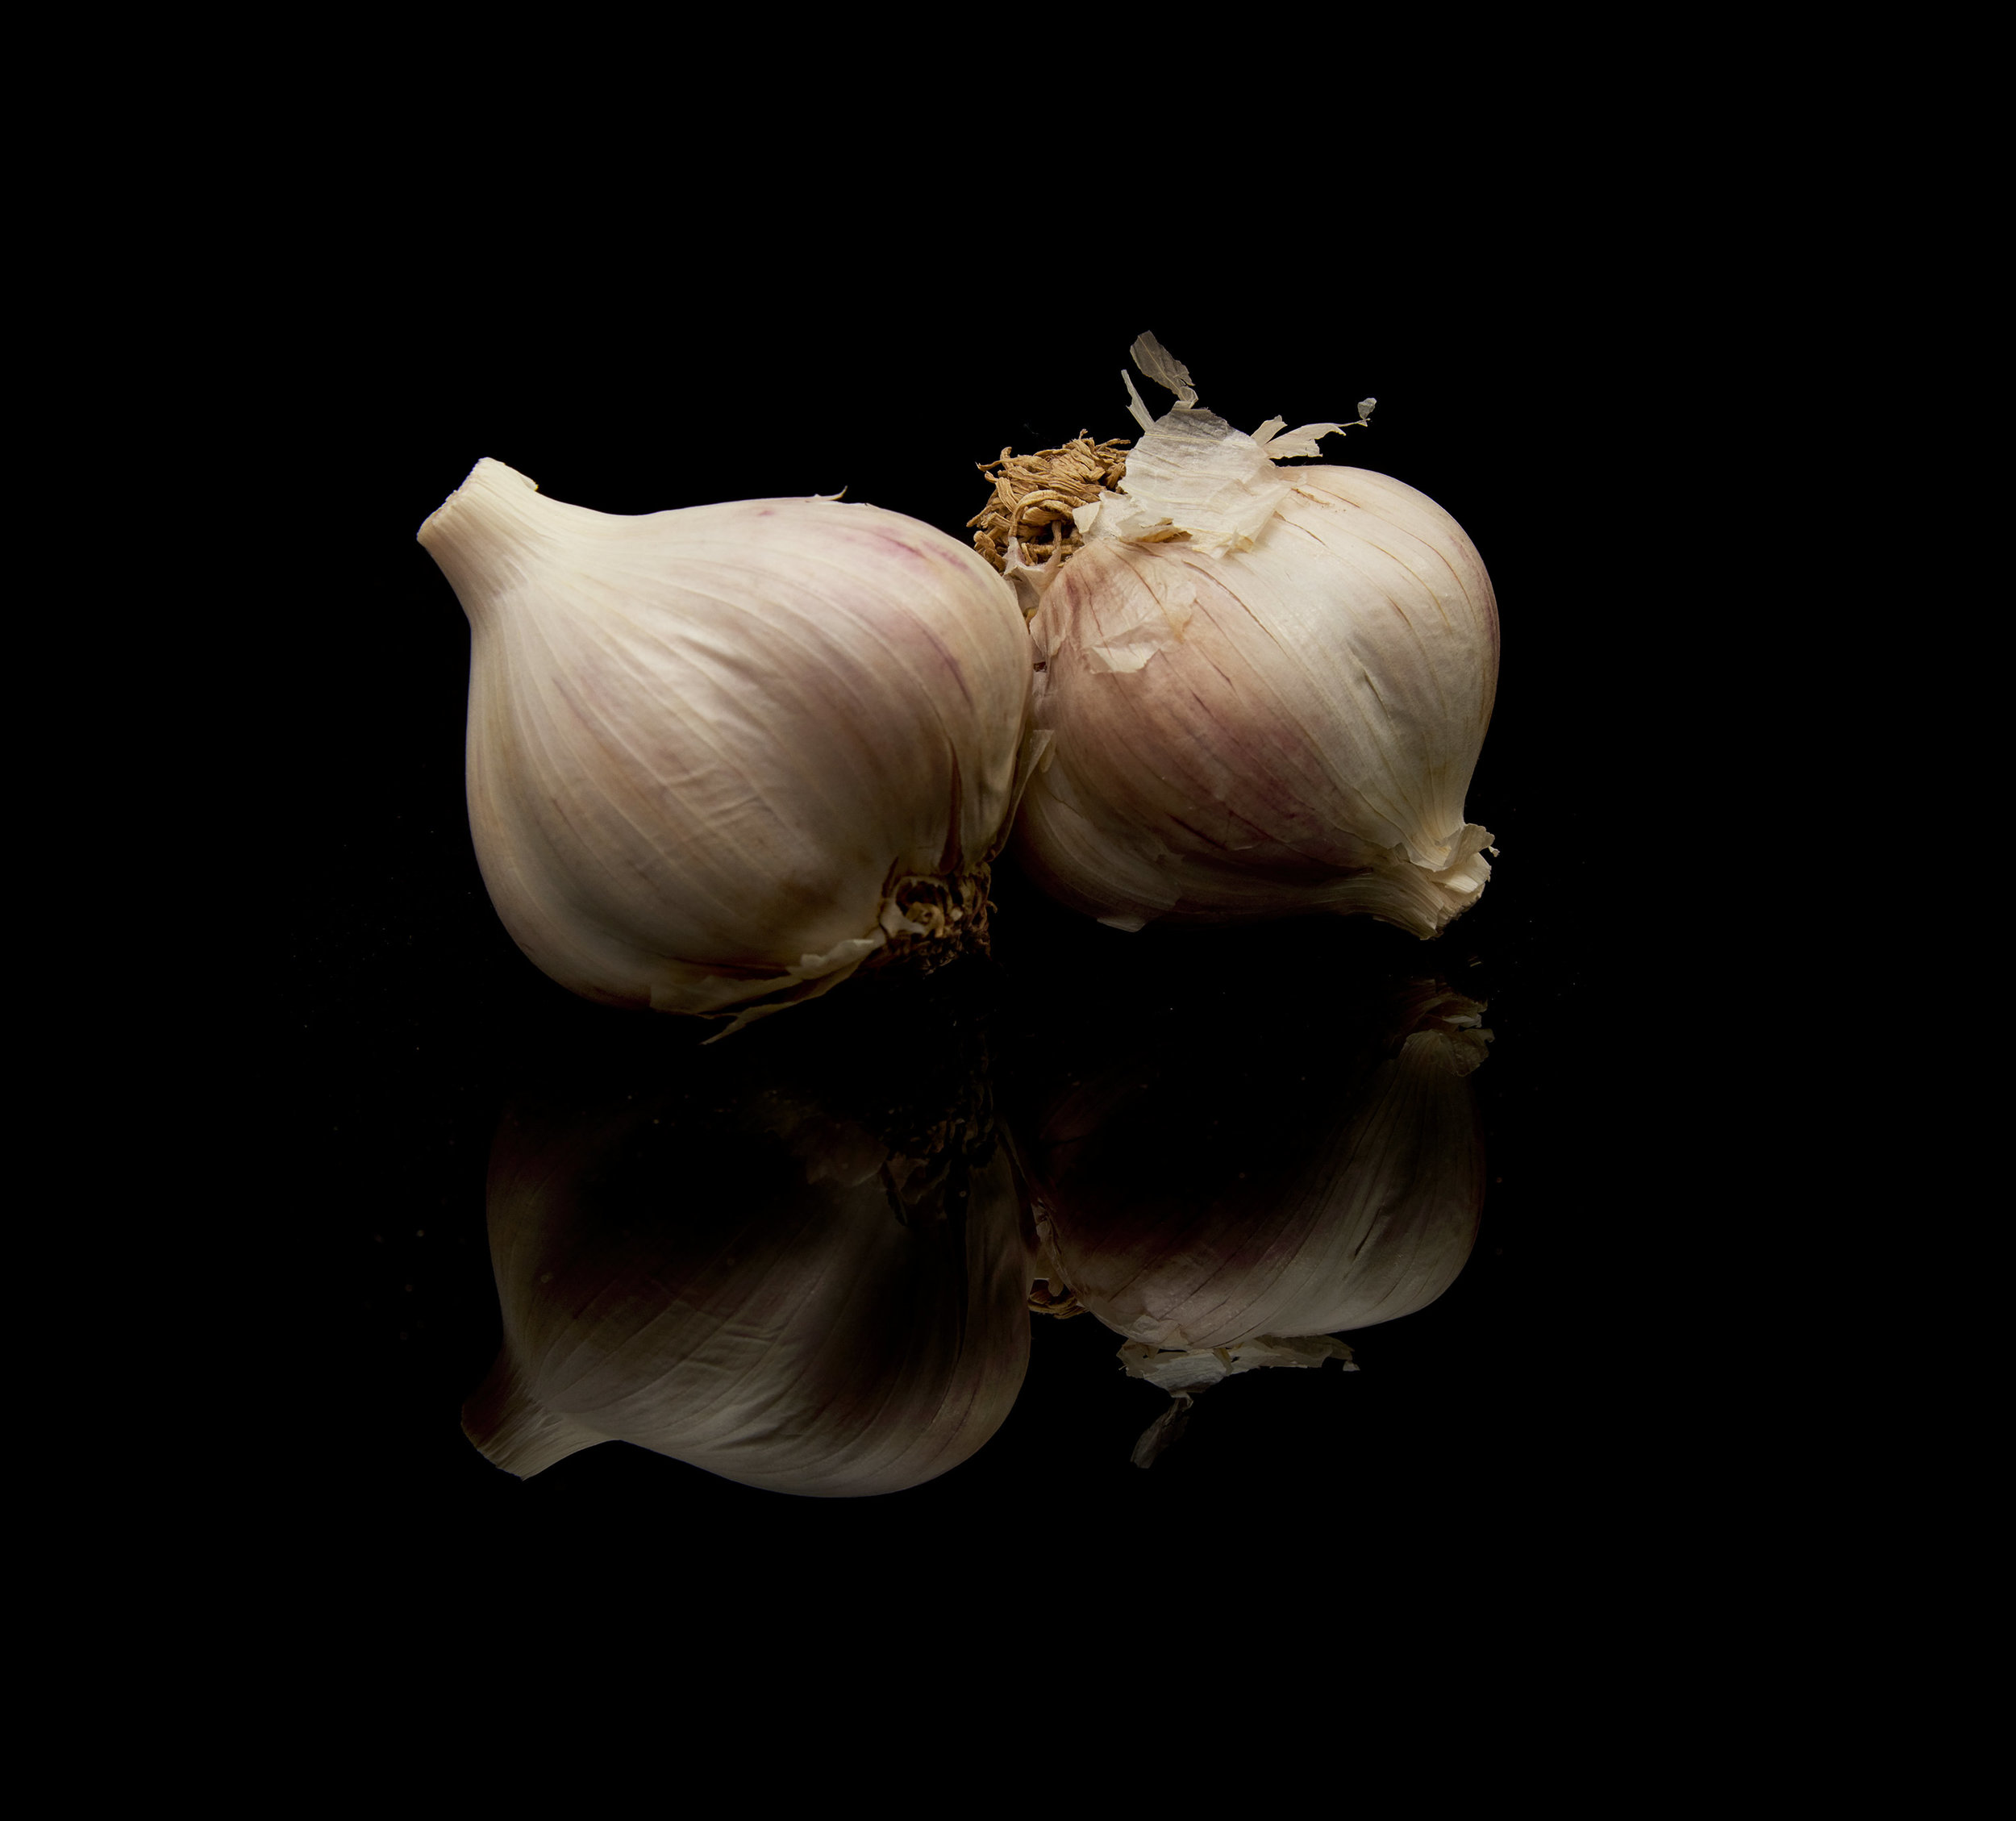 WhatNot_Food_Photo_Garlic.jpg